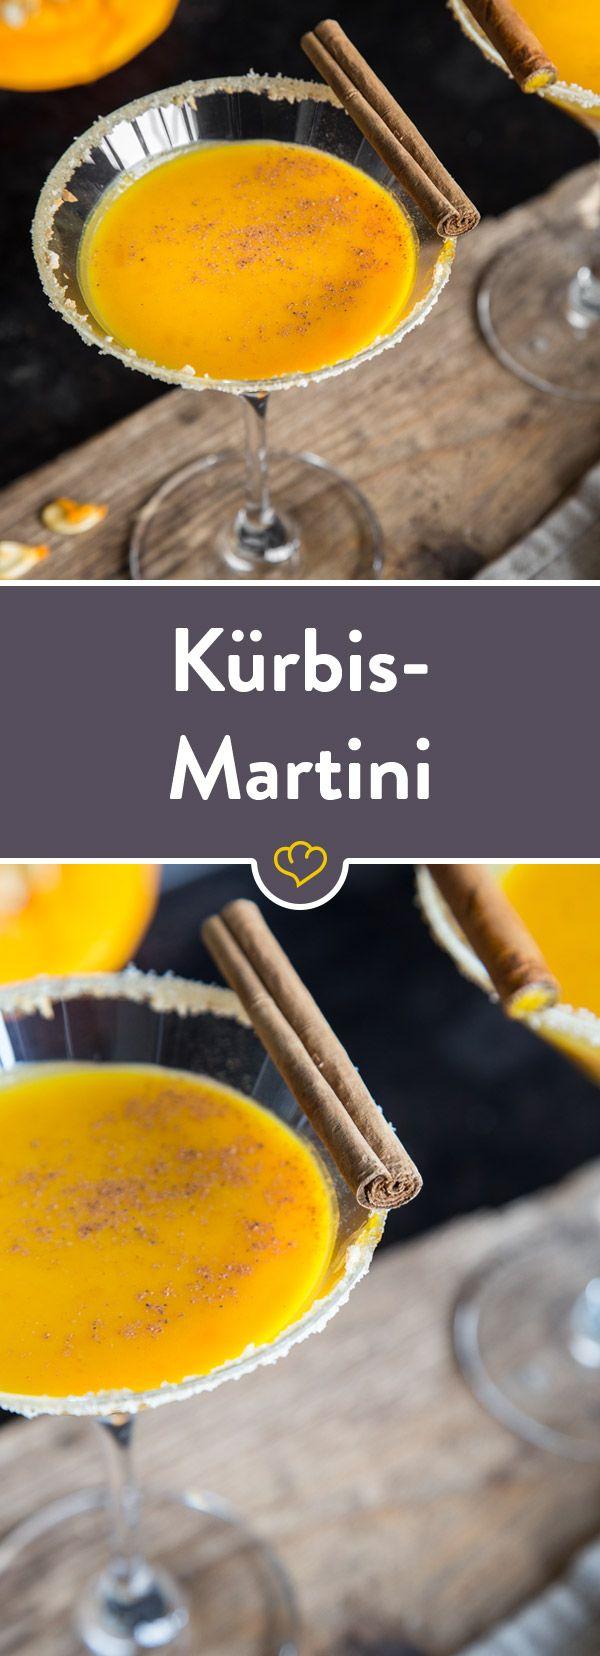 Zu diesem Kürbis-Martini kommt noch Rum, Sahne und Milch, auf den Rand Zucker, Keks und Zimt und oben drauf eine Zimtstange und geriebene Muskatnuss.